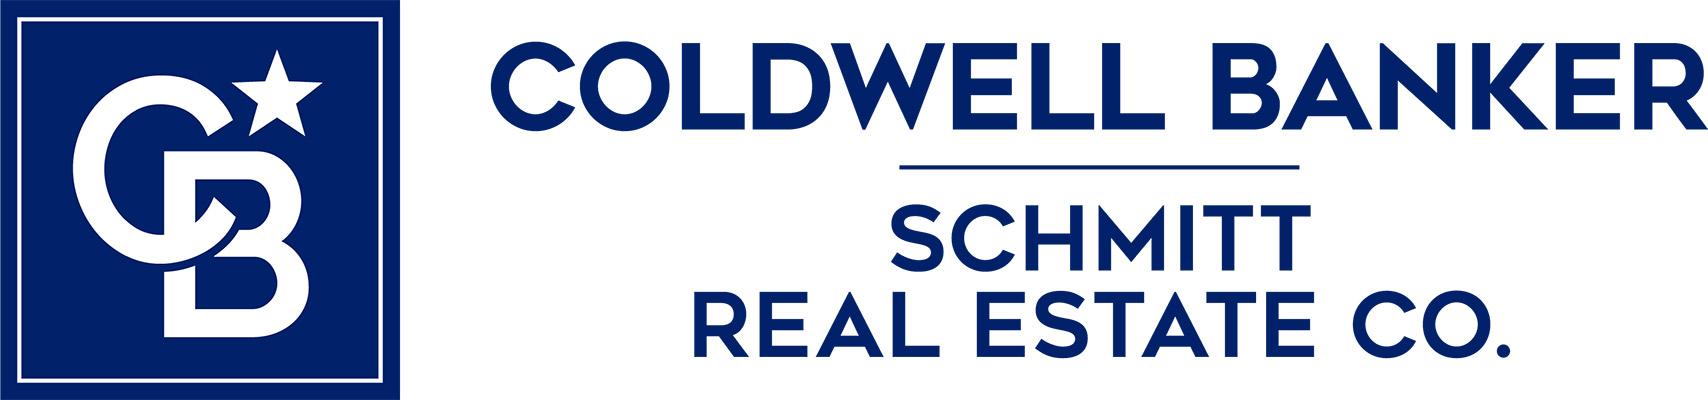 JLizette Miller - Coldwell Banker Logo